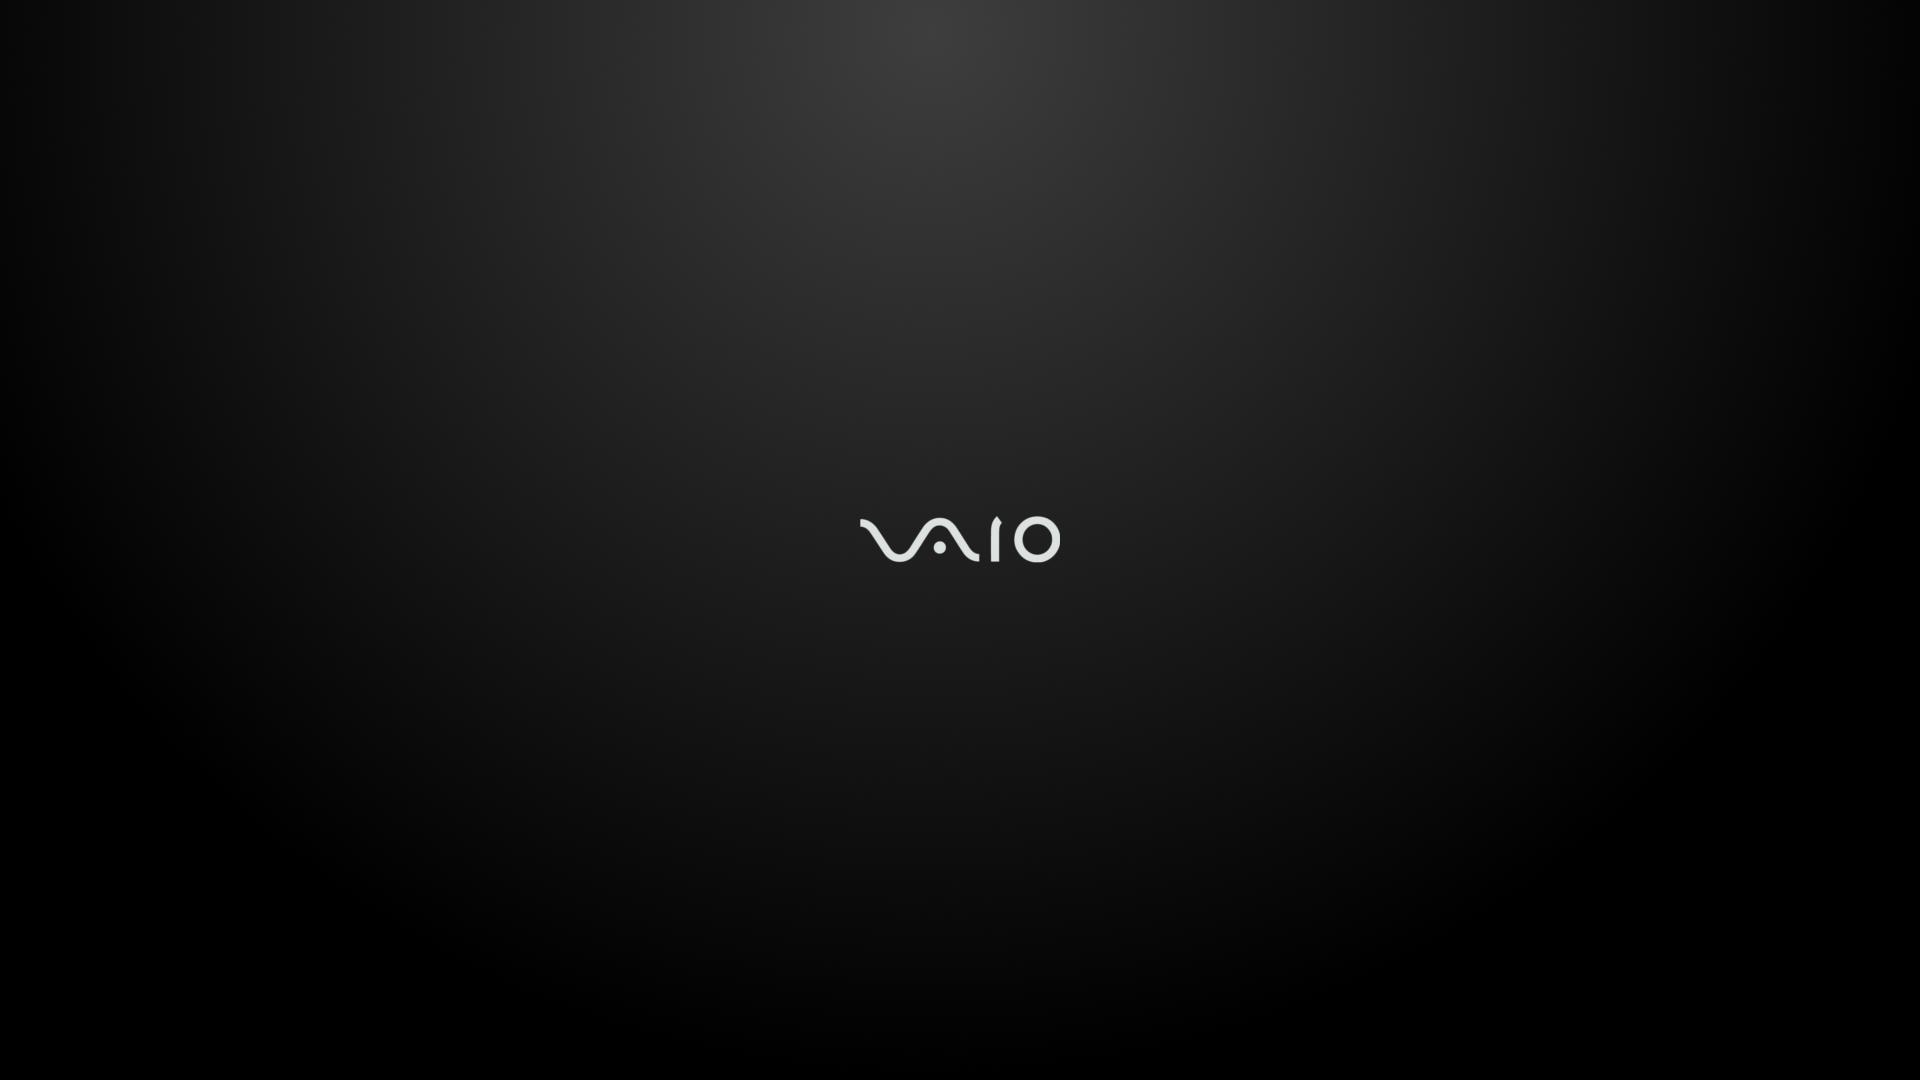 Vaio wallpaper 1920x1080 wallpapersafari for Sfondi vaio